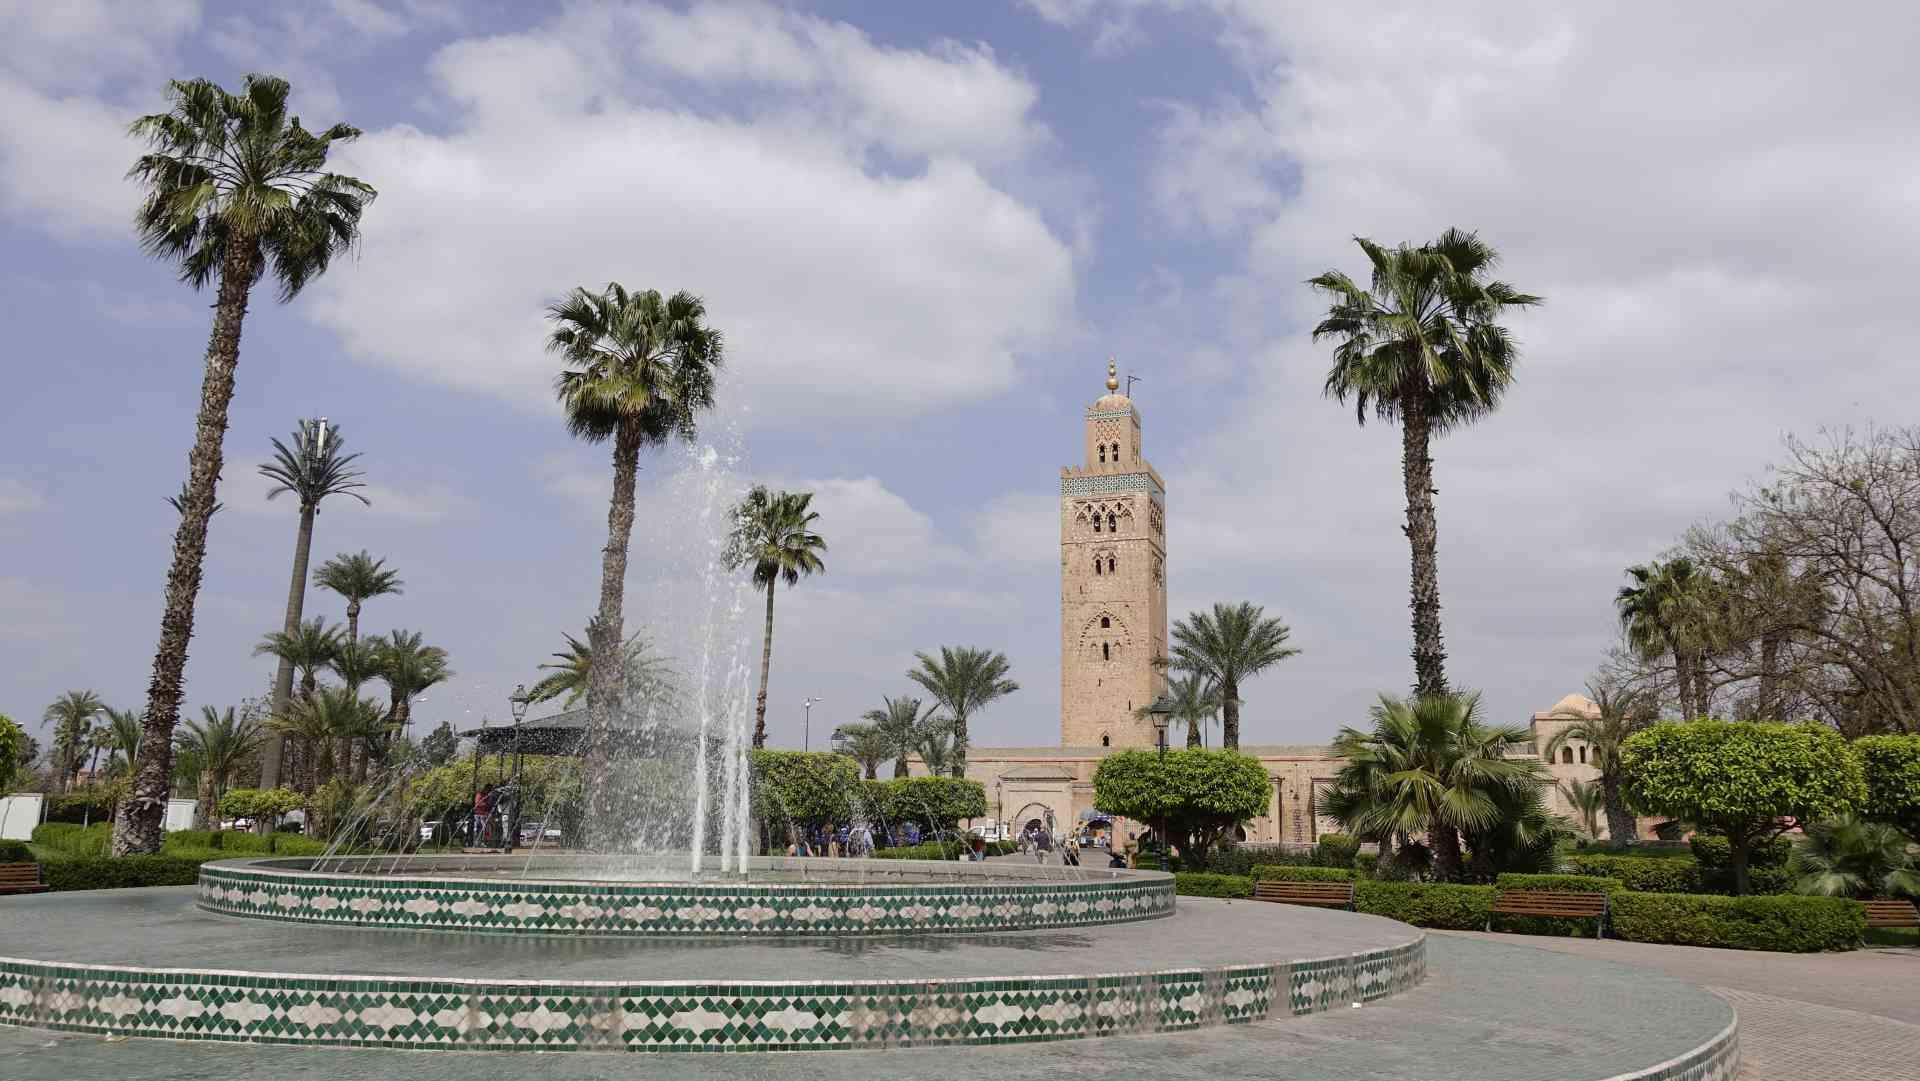 Parc Lalla Hasna, Marrakesh, Morocco by Dennis Bunnik